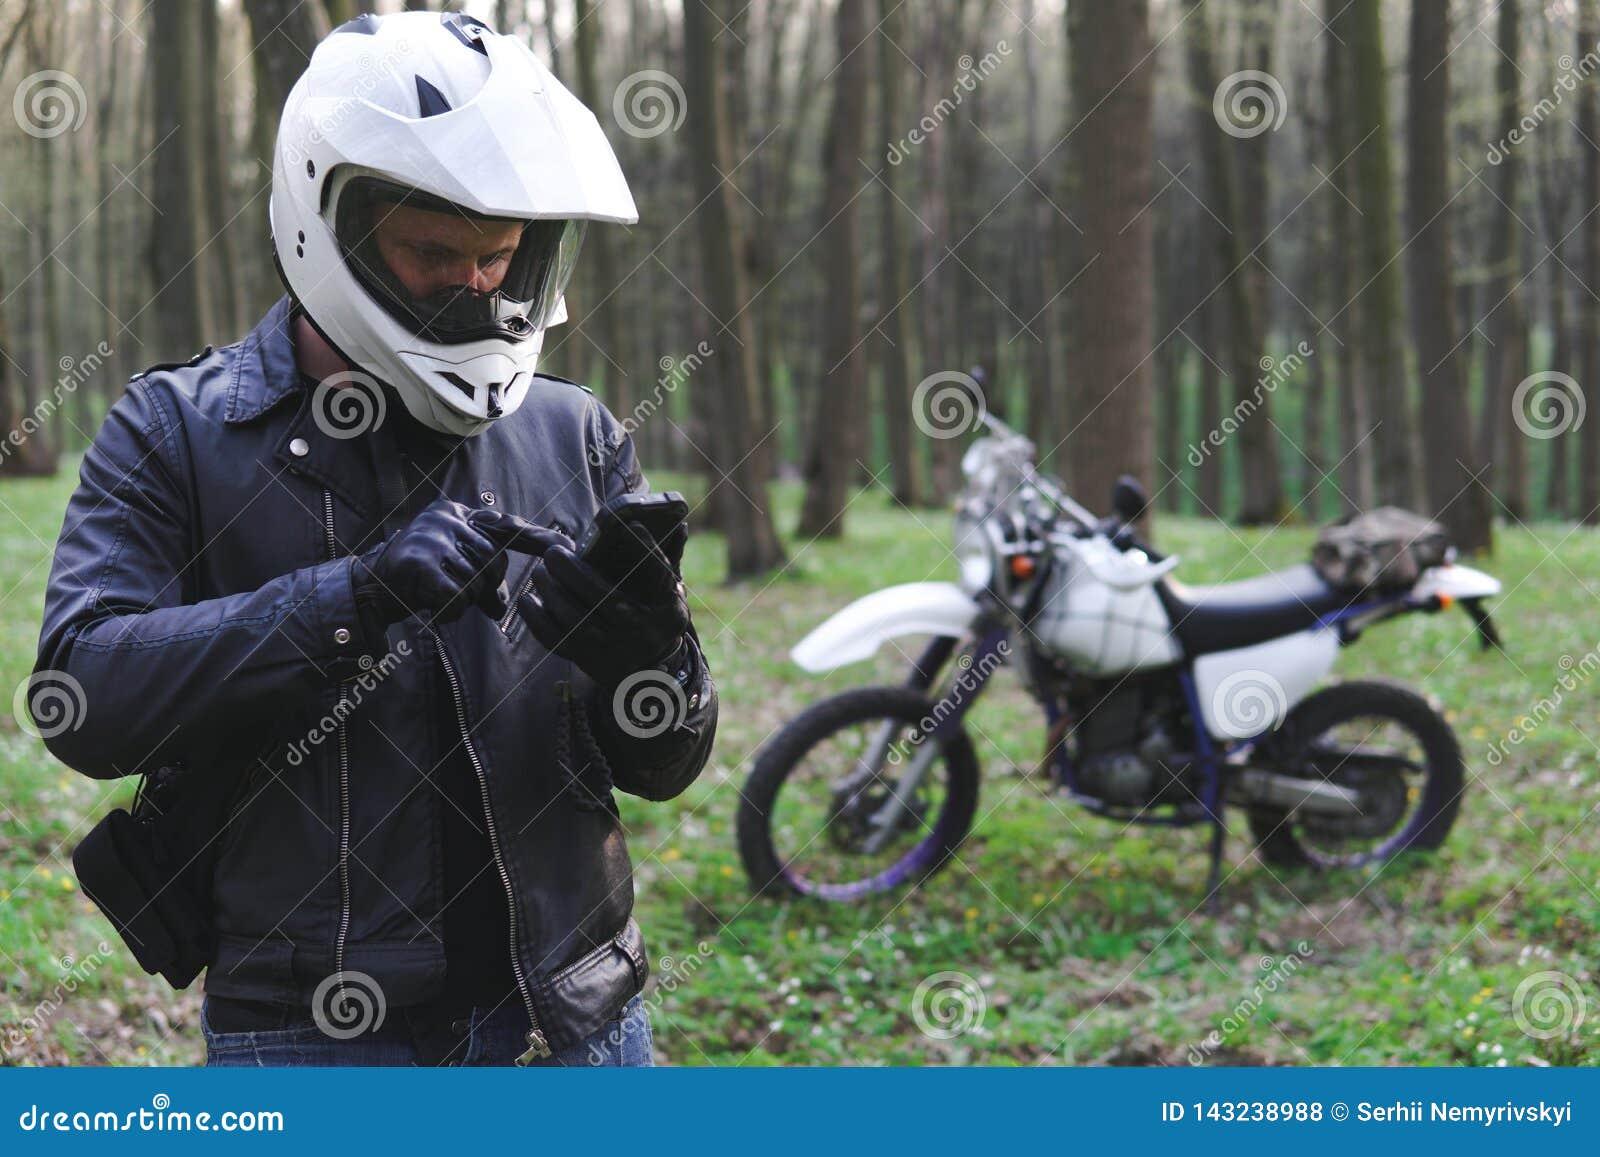 A motocicleta clássica do enduro fora da estrada na floresta da mola, homem em um casaco de cabedal à moda usa um smartphone, eng